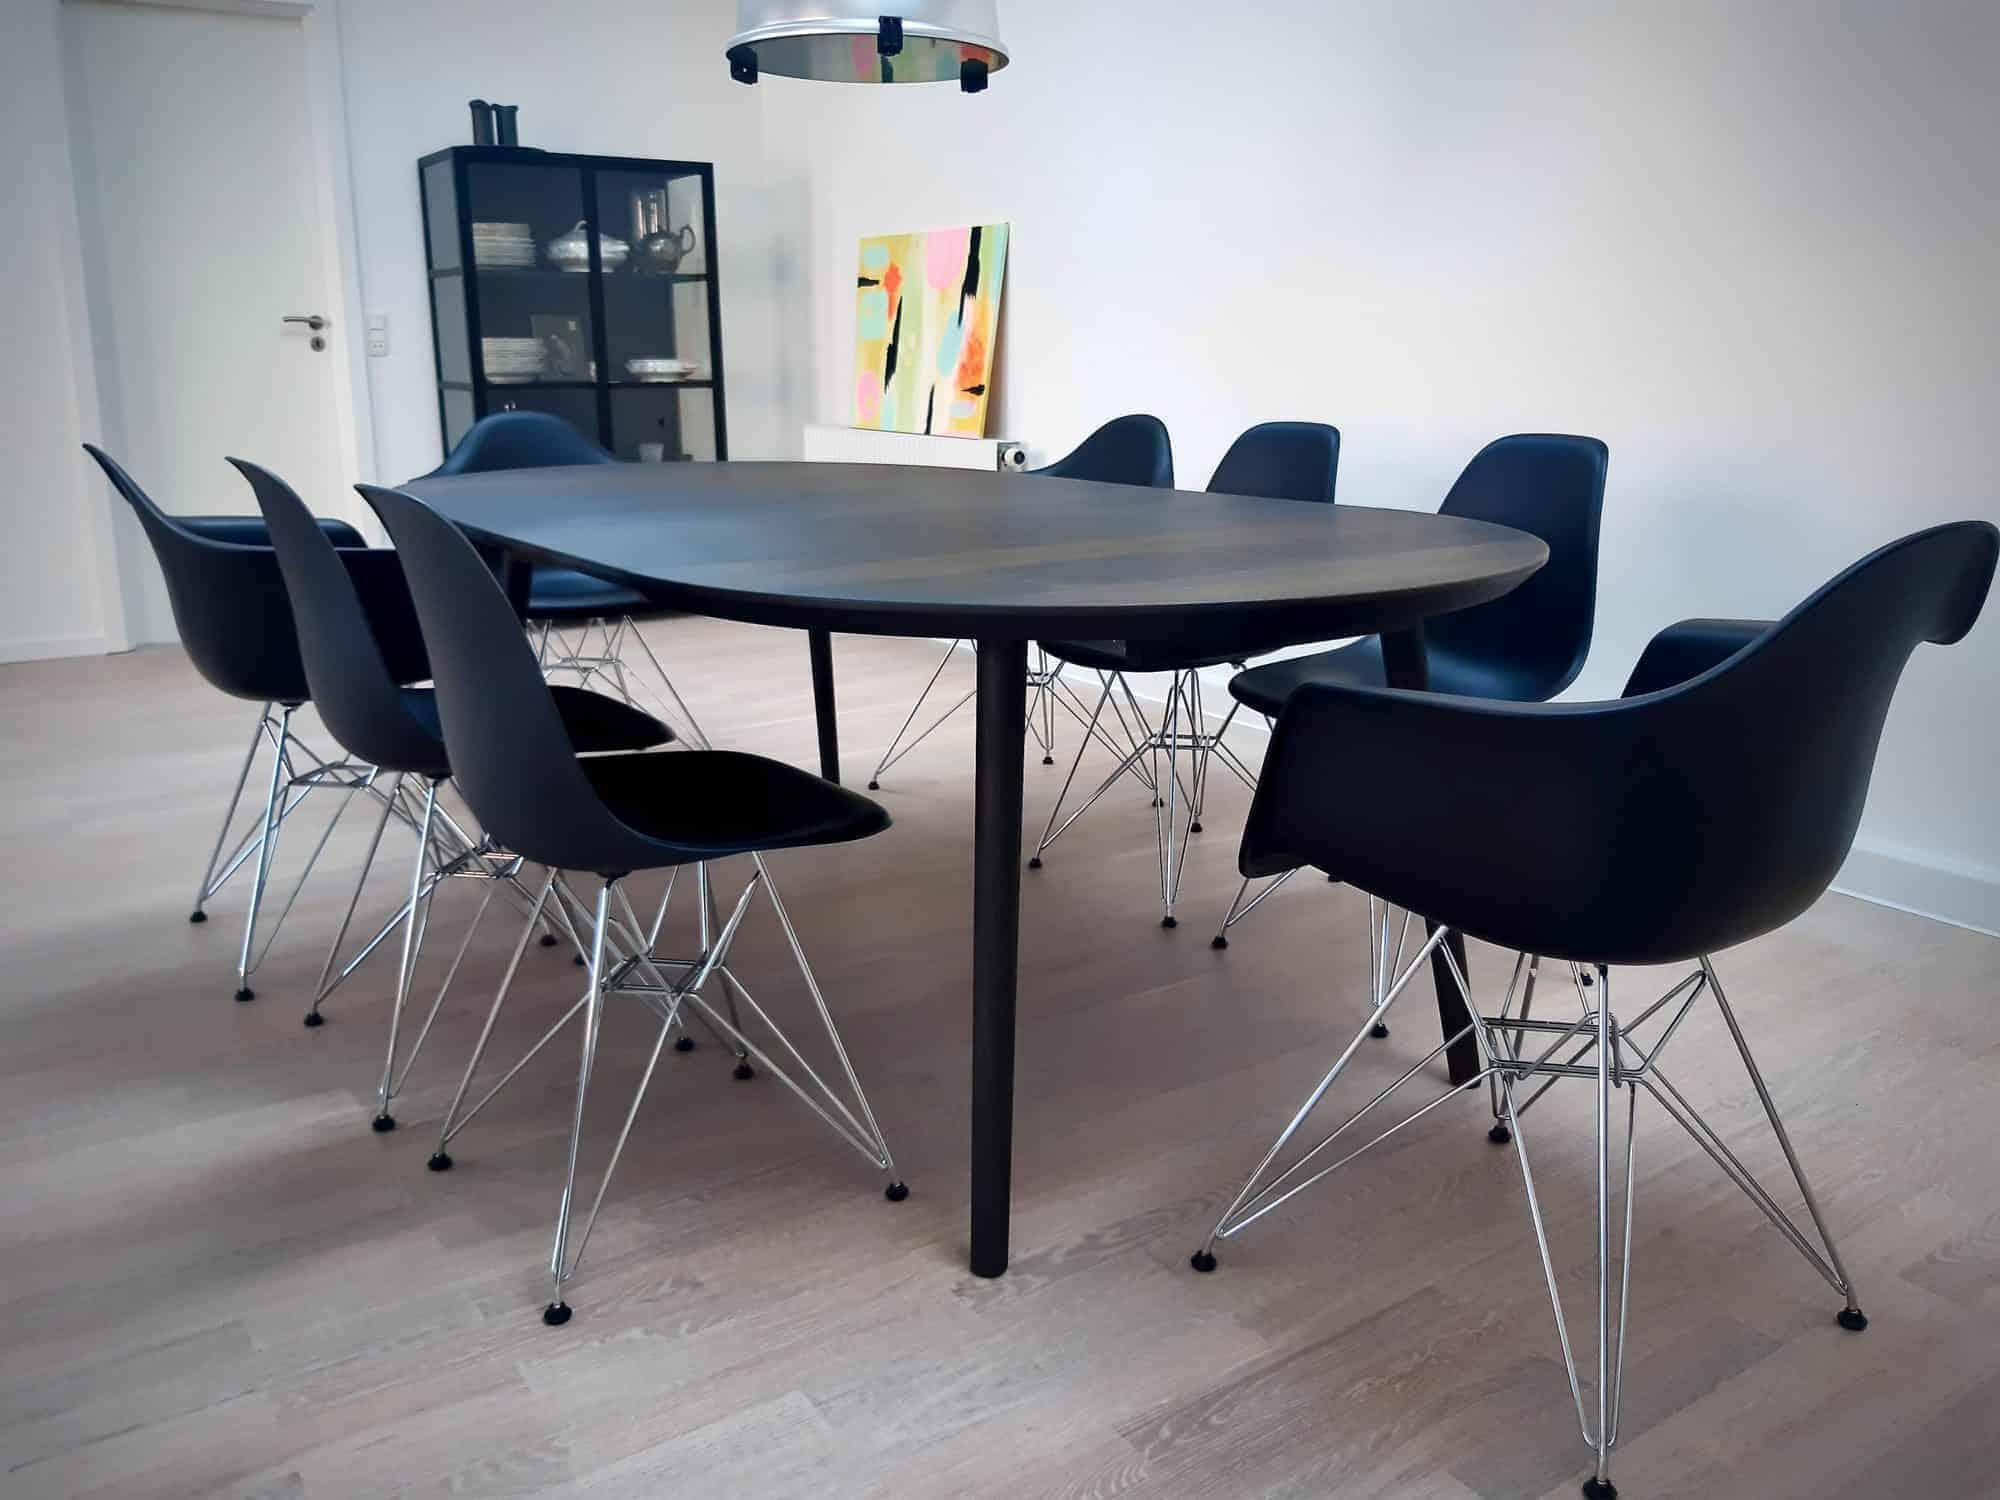 rundtbord rundbord ovalt bord bord i trae traebord traemobler kaerbygaard kaerbygård august 2020 7 scaled